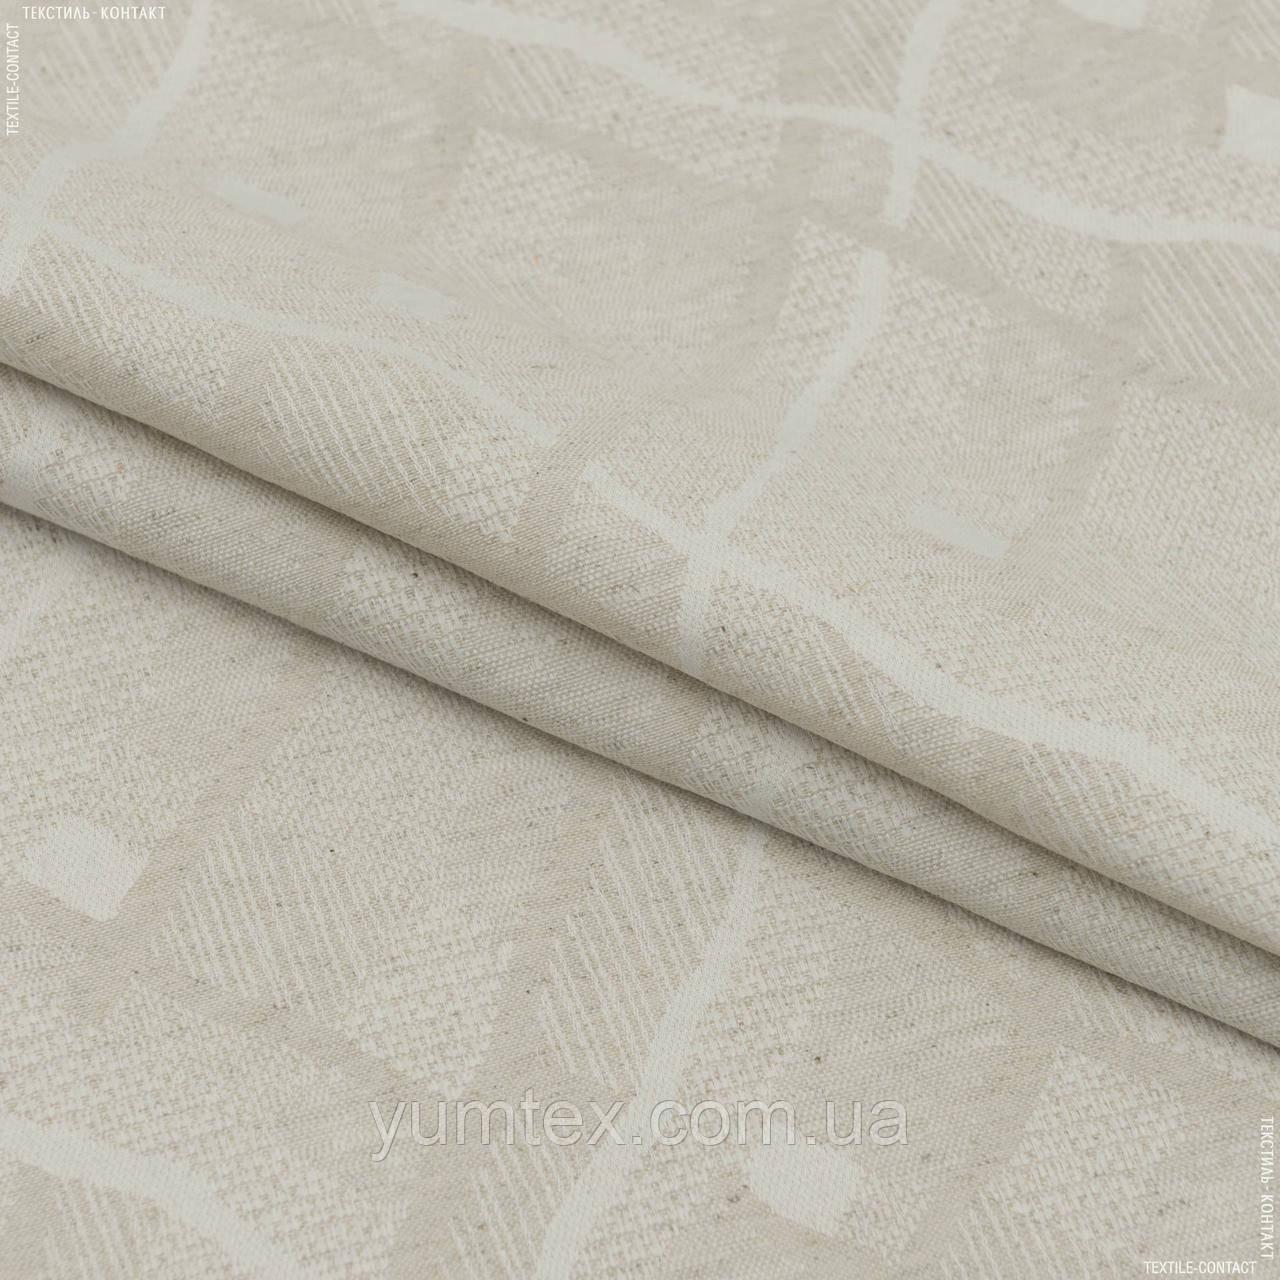 Скатертная тканина жаккард альона / alena ромб ,колір льону 148939